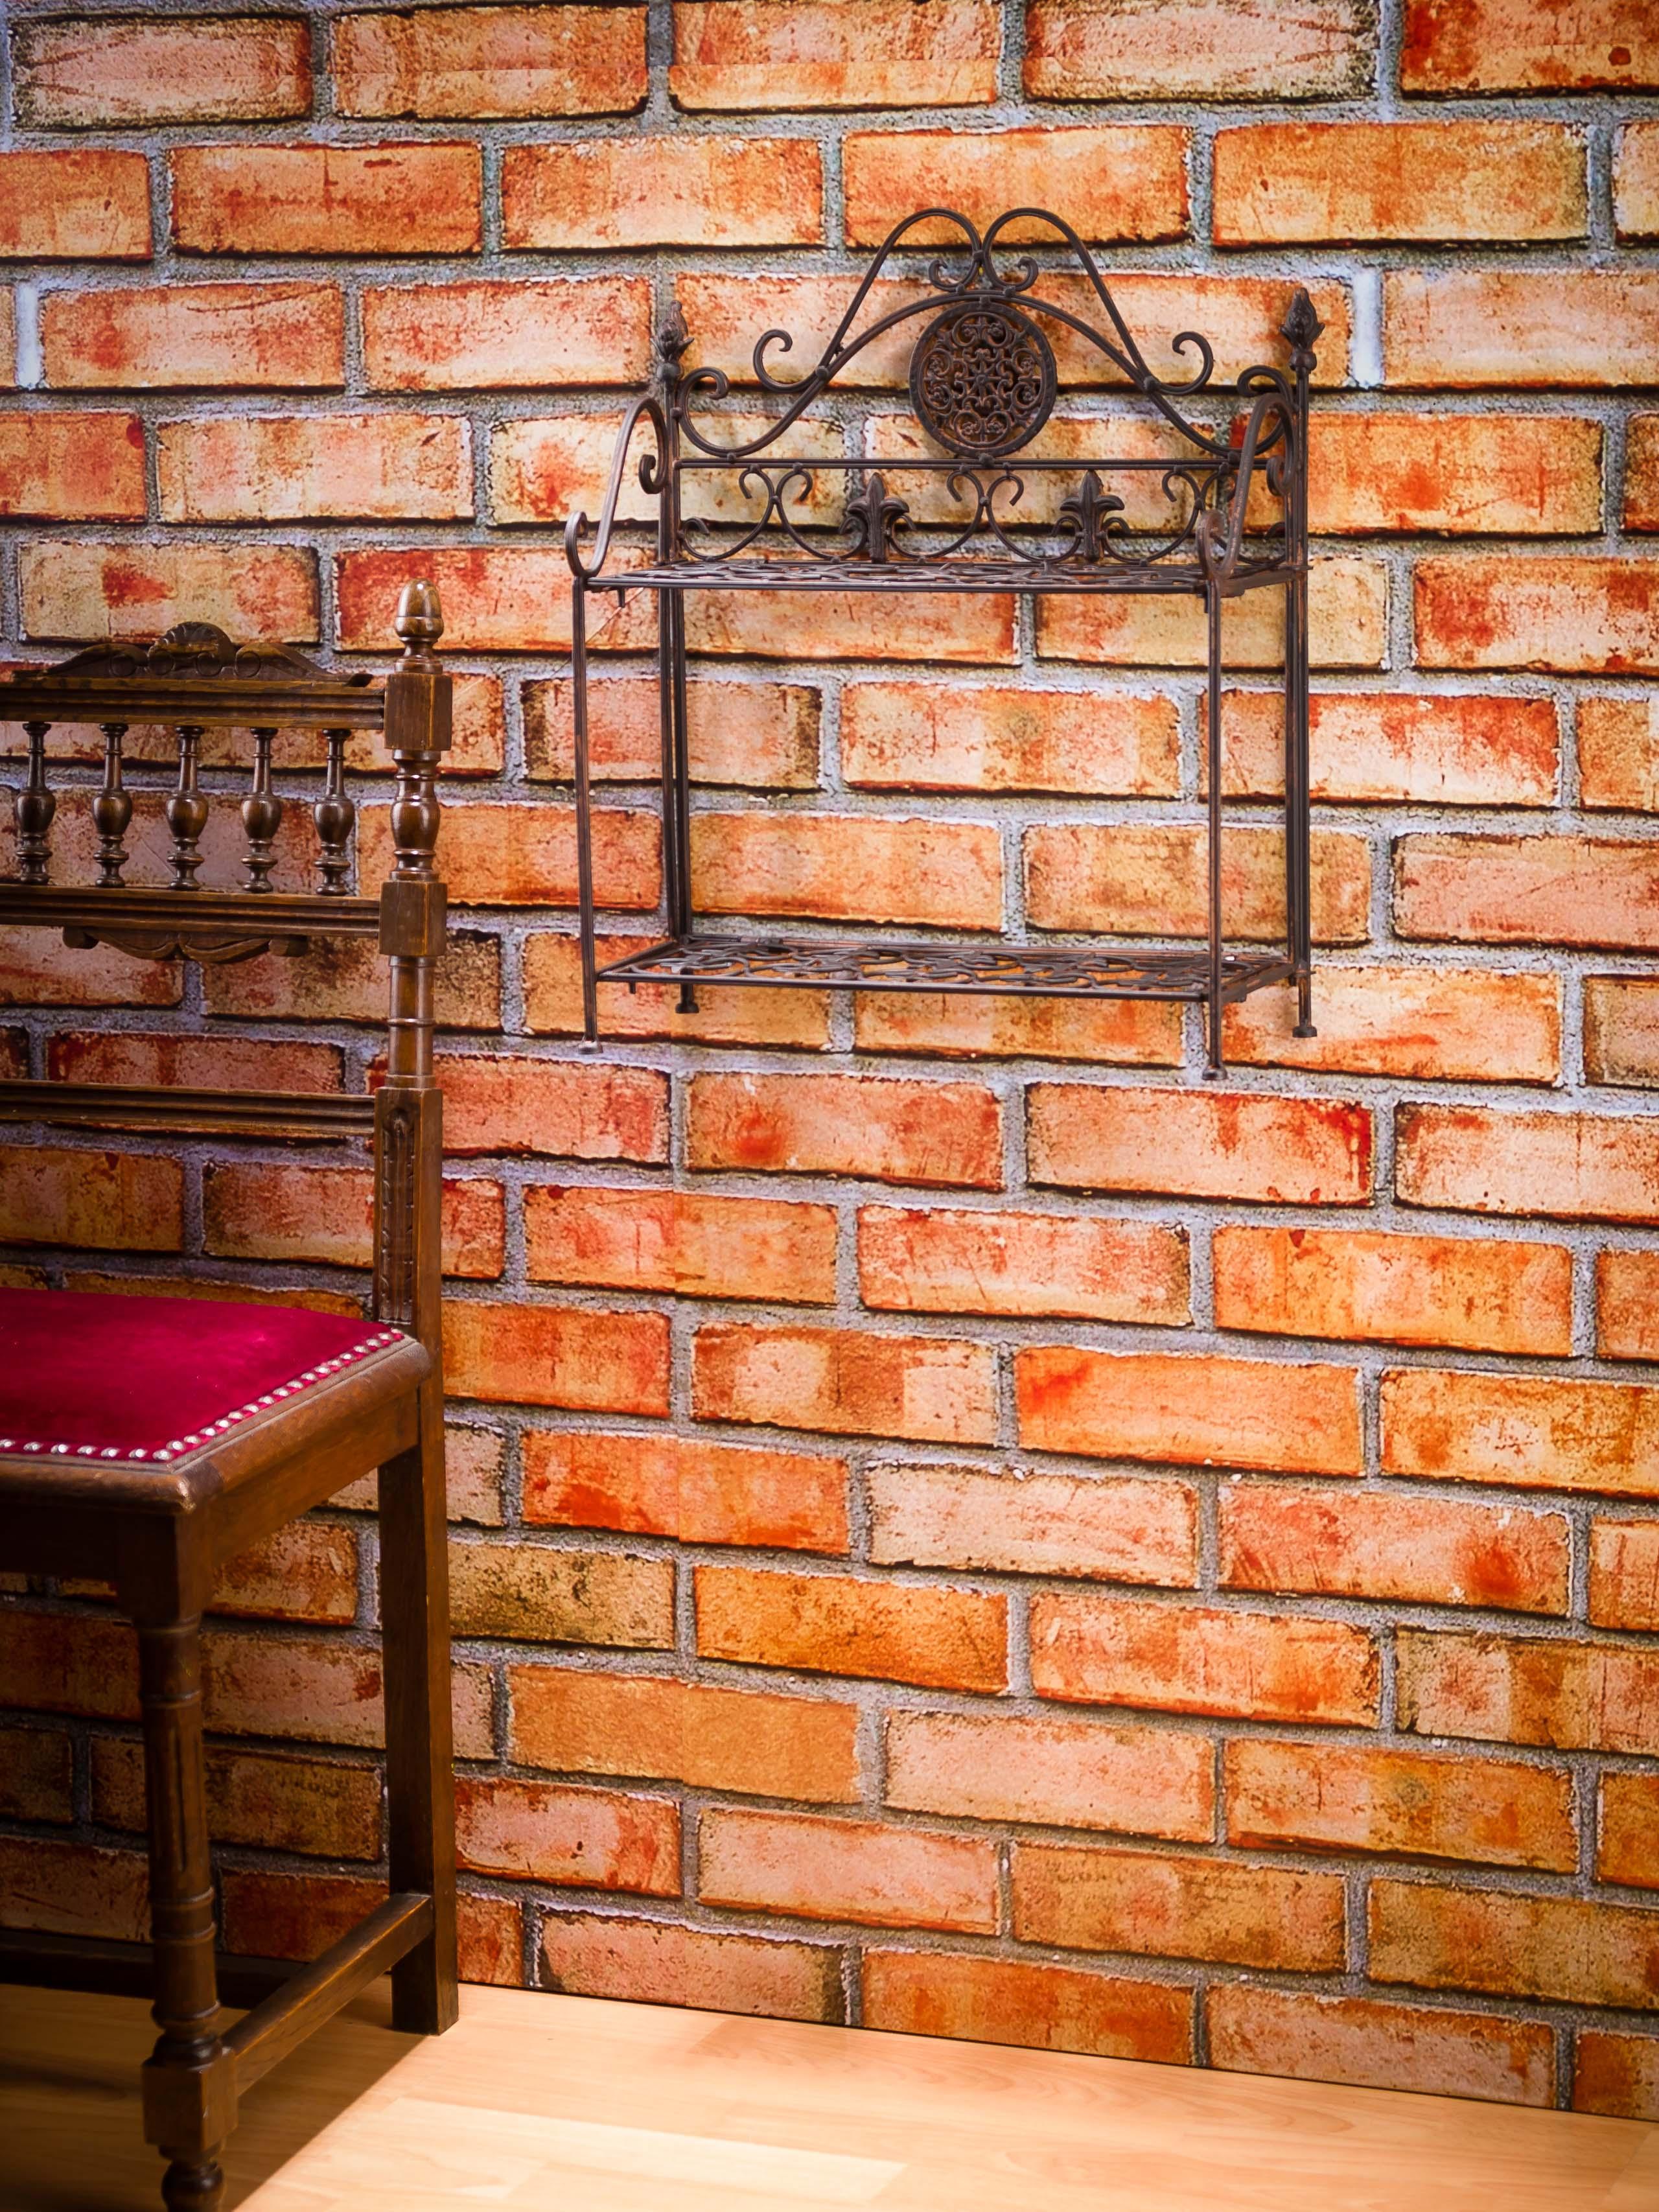 Nostalgie regal wandregal wandgarderobe garderobe eisen antik stil lilie aubaho - Nostalgie wandregal ...